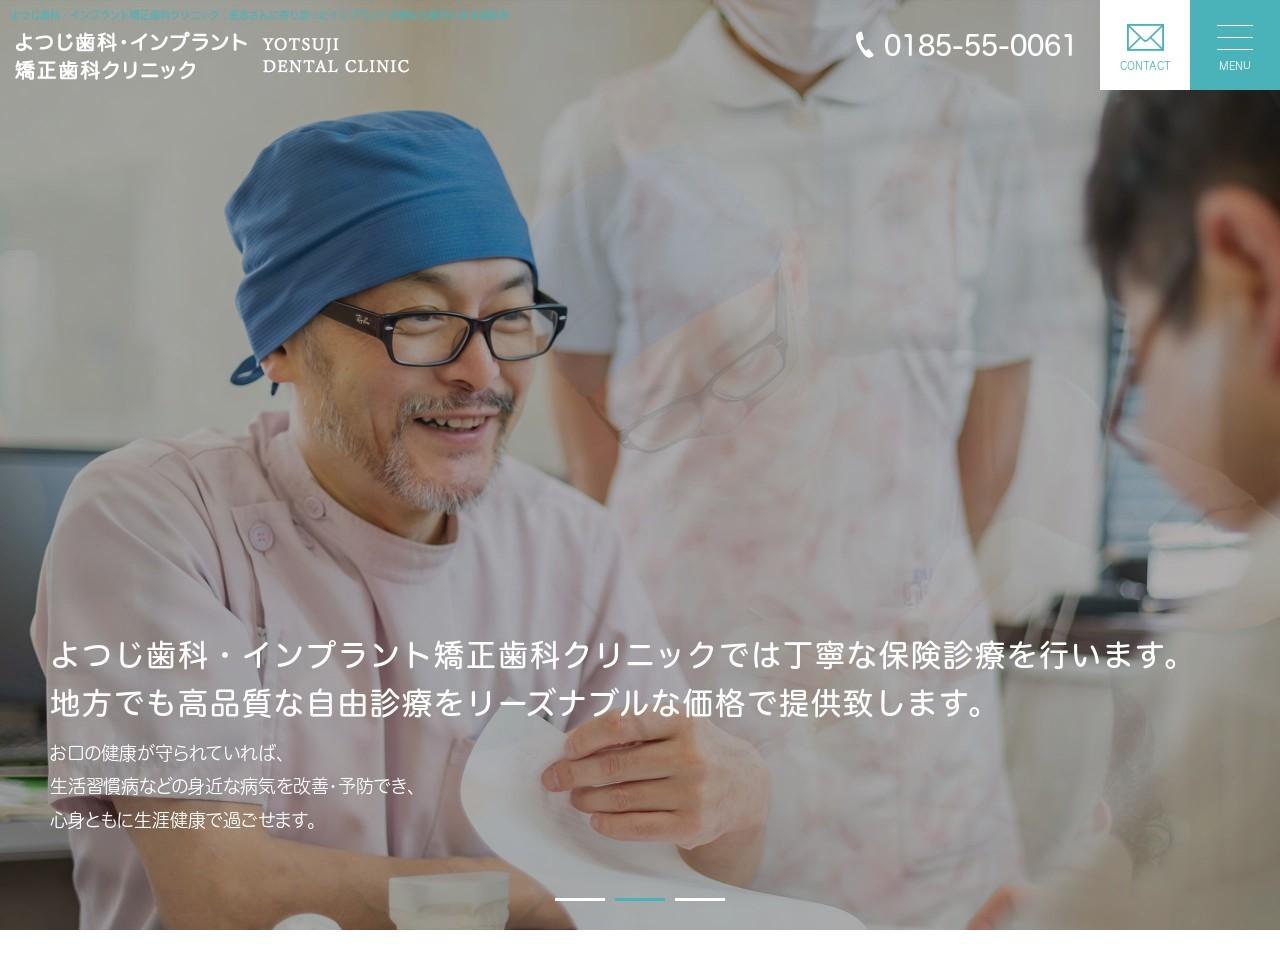 よつじ歯科・インプラント矯正クリニック (秋田県能代市)